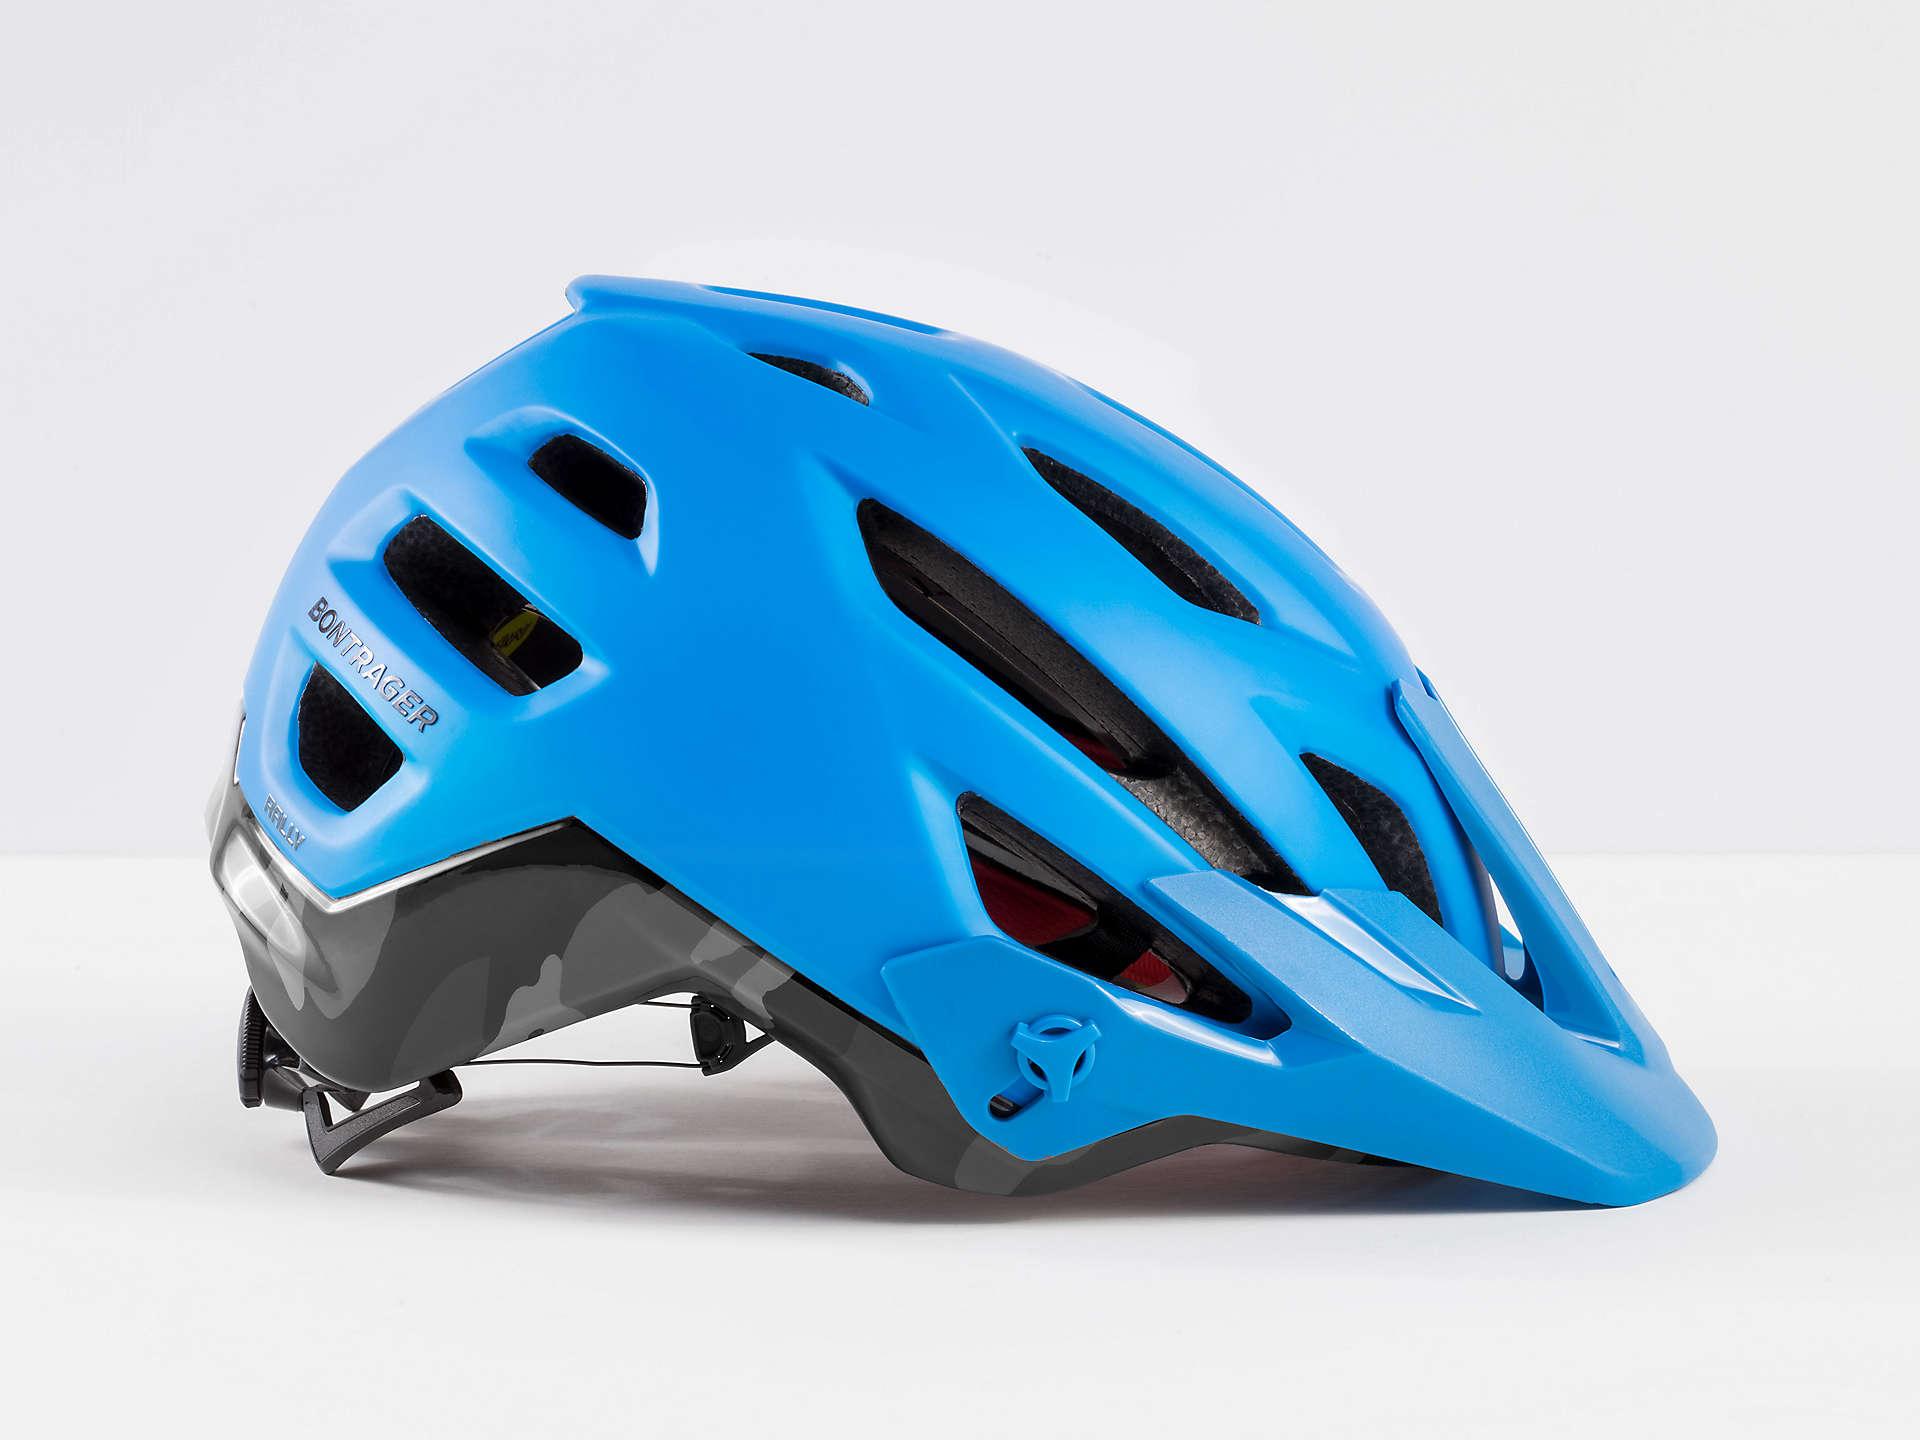 Kaski rowerowe Bontrager - cała kolekcja dostępna w fabrykarowerów.com